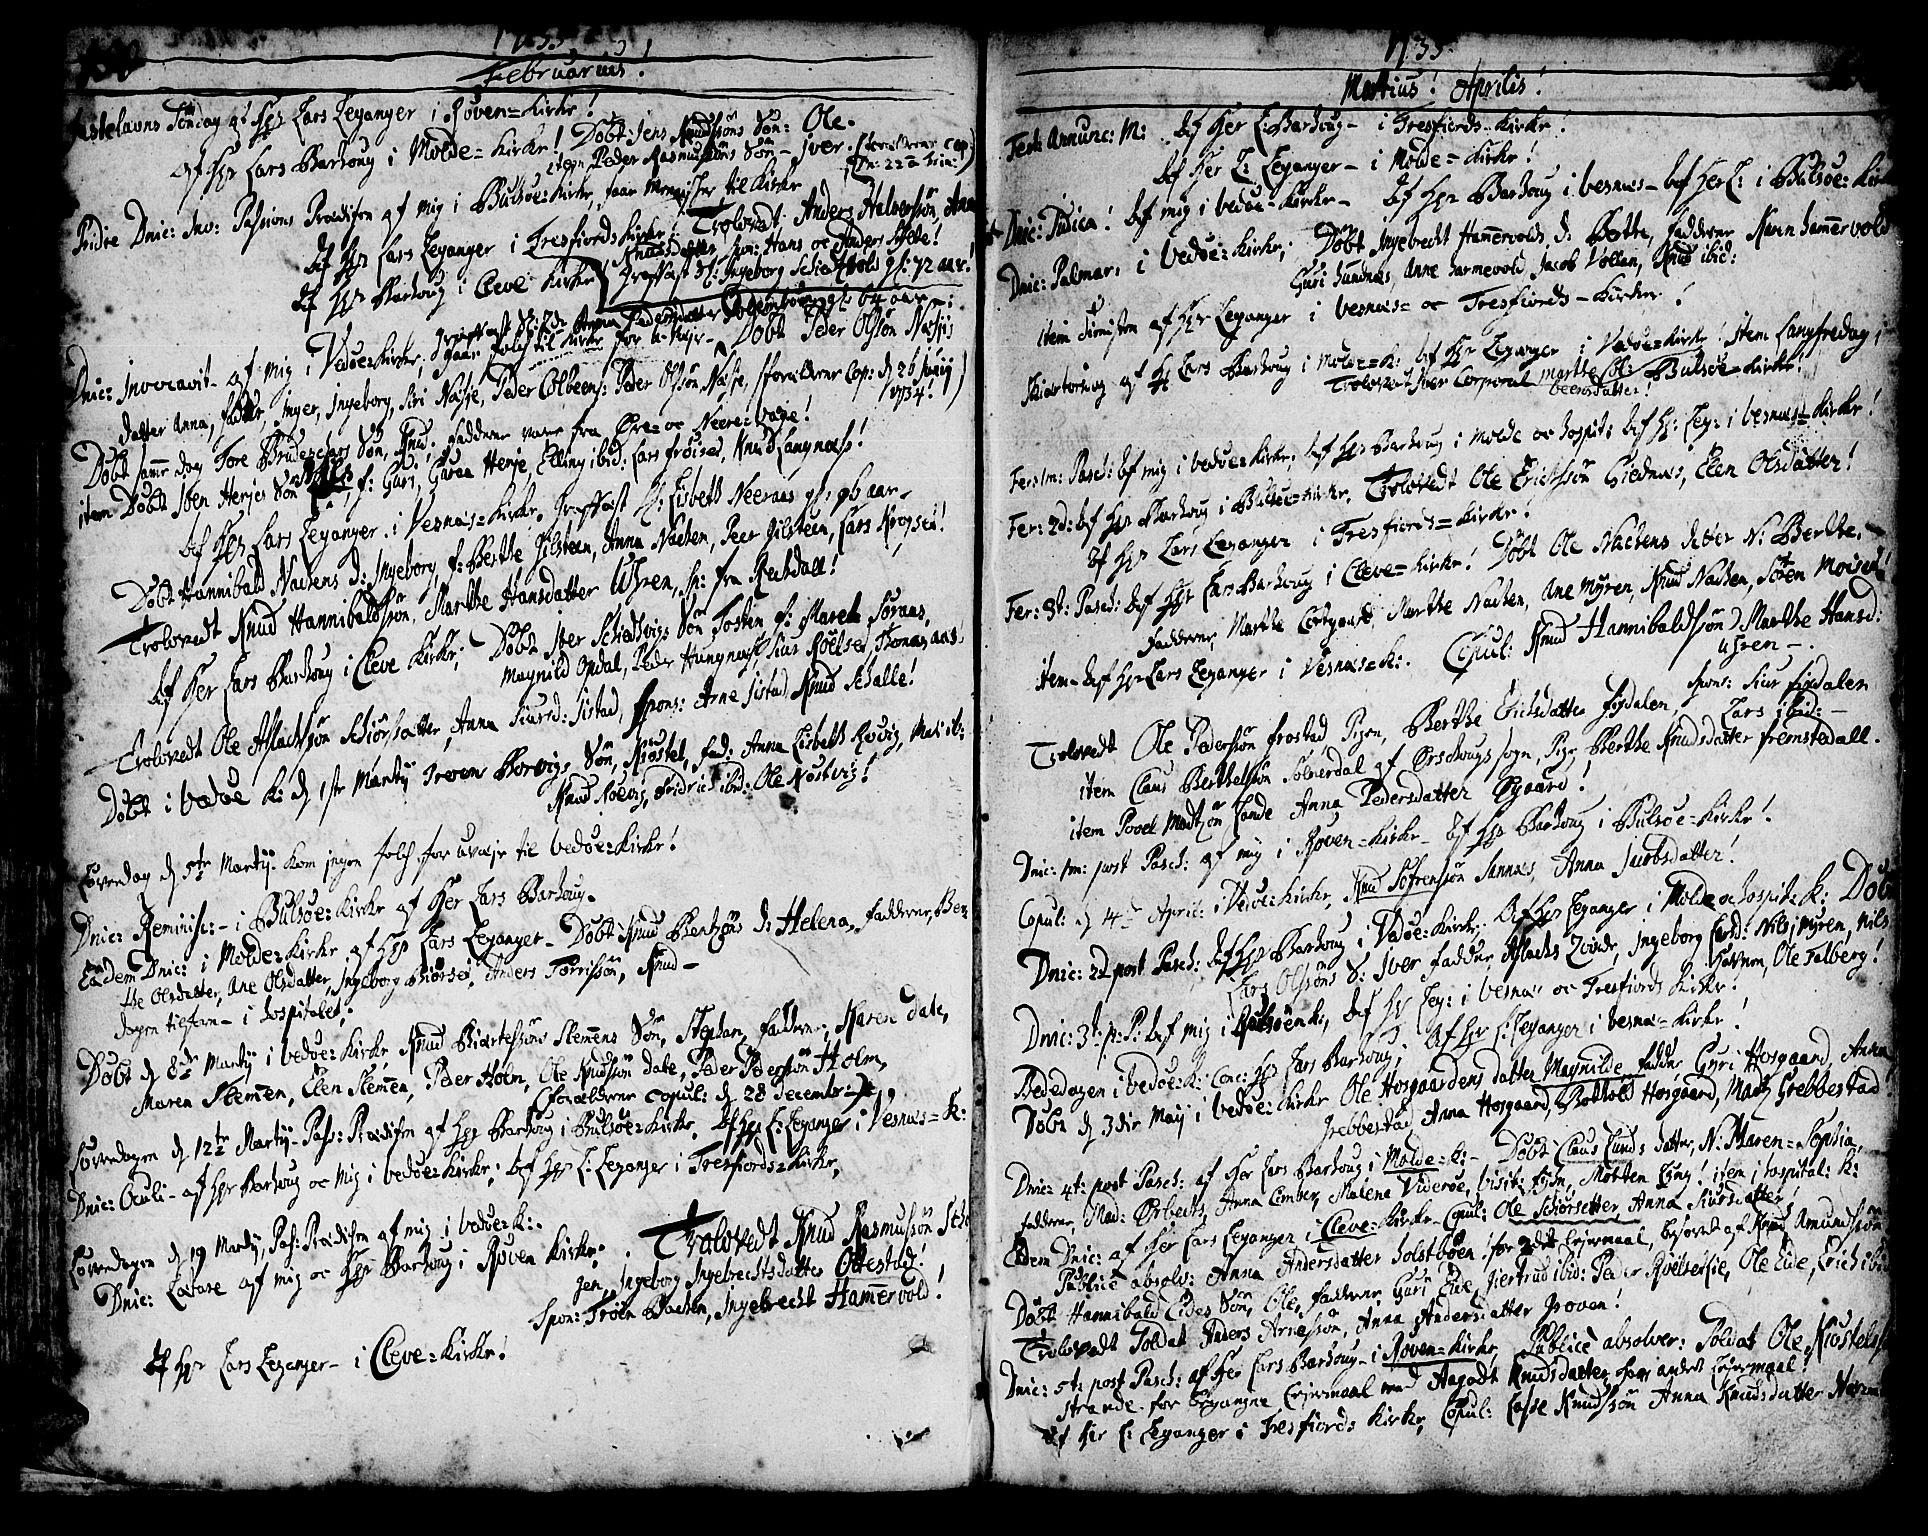 SAT, Ministerialprotokoller, klokkerbøker og fødselsregistre - Møre og Romsdal, 547/L0599: Parish register (official) no. 547A01, 1721-1764, p. 152-153